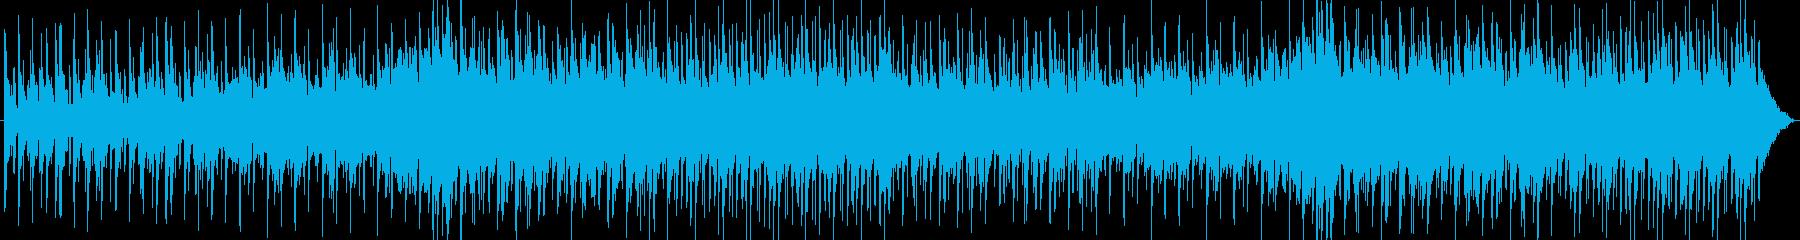 透明感のあるミステリアスなBGMの再生済みの波形